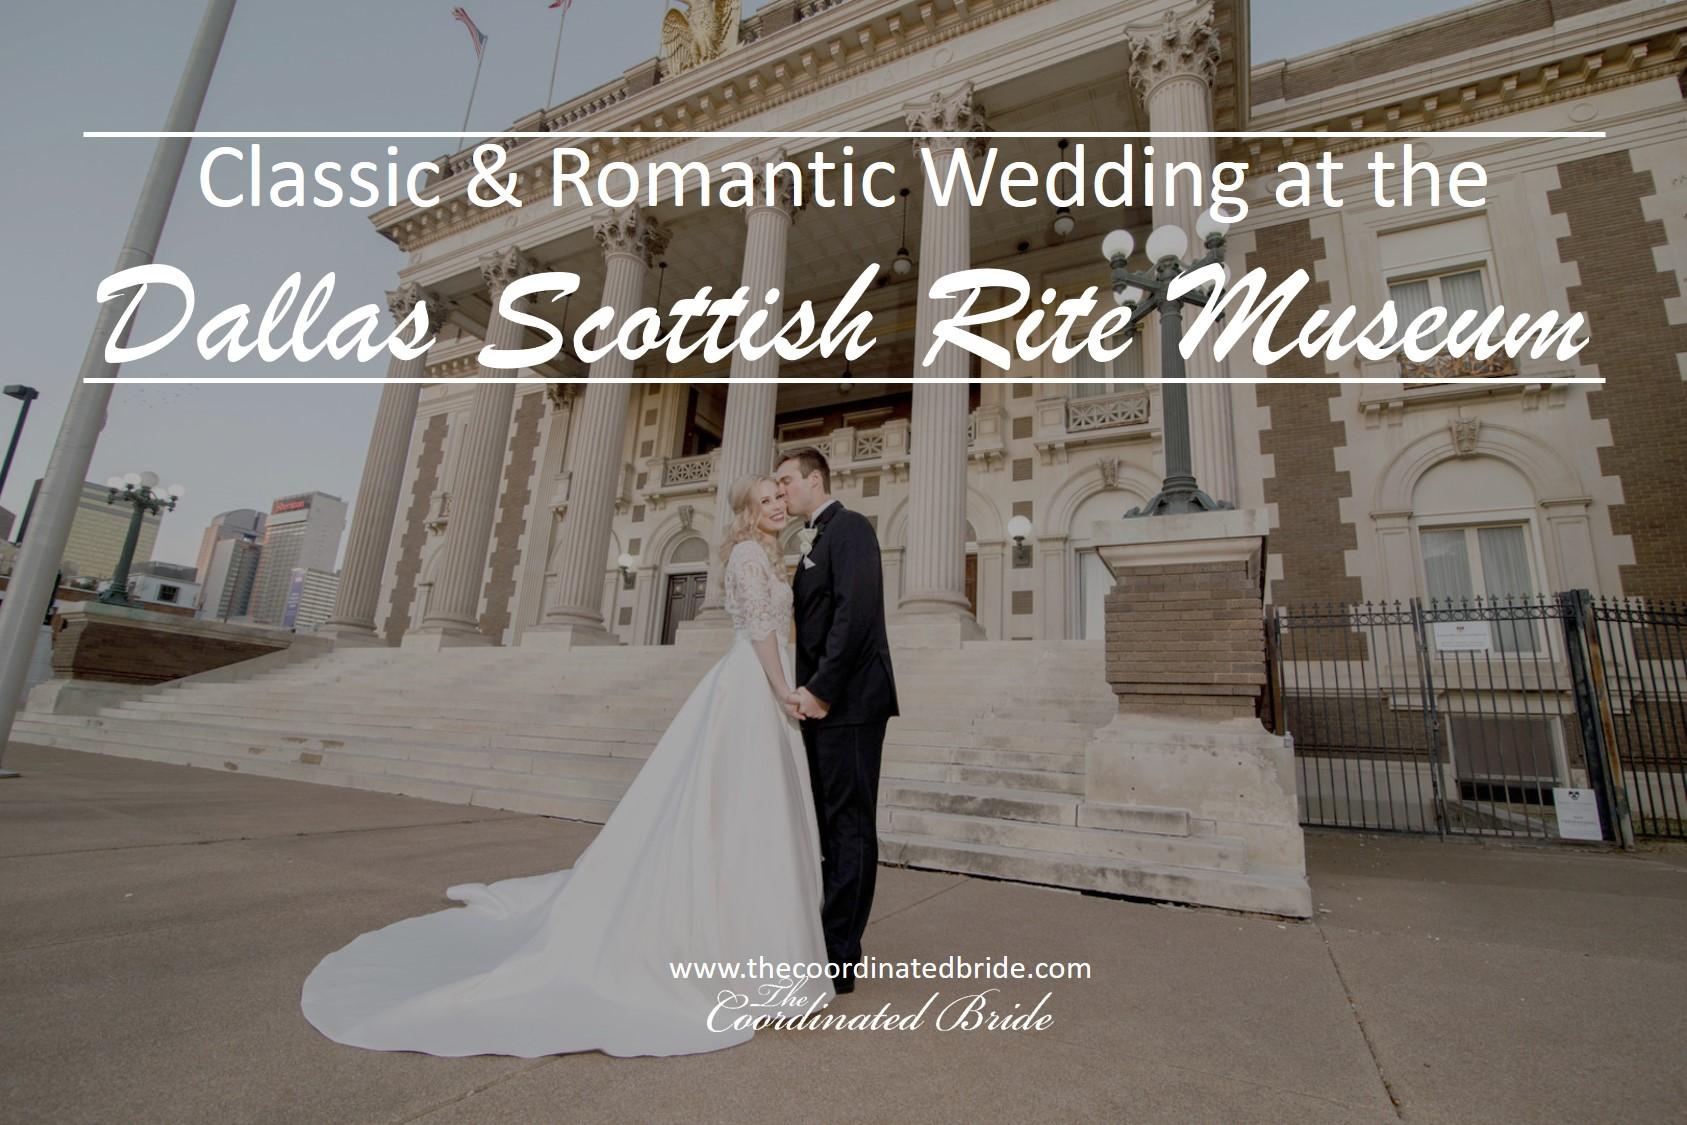 Classic & Romantic Wedding at the Dallas Scottish Rite Museum